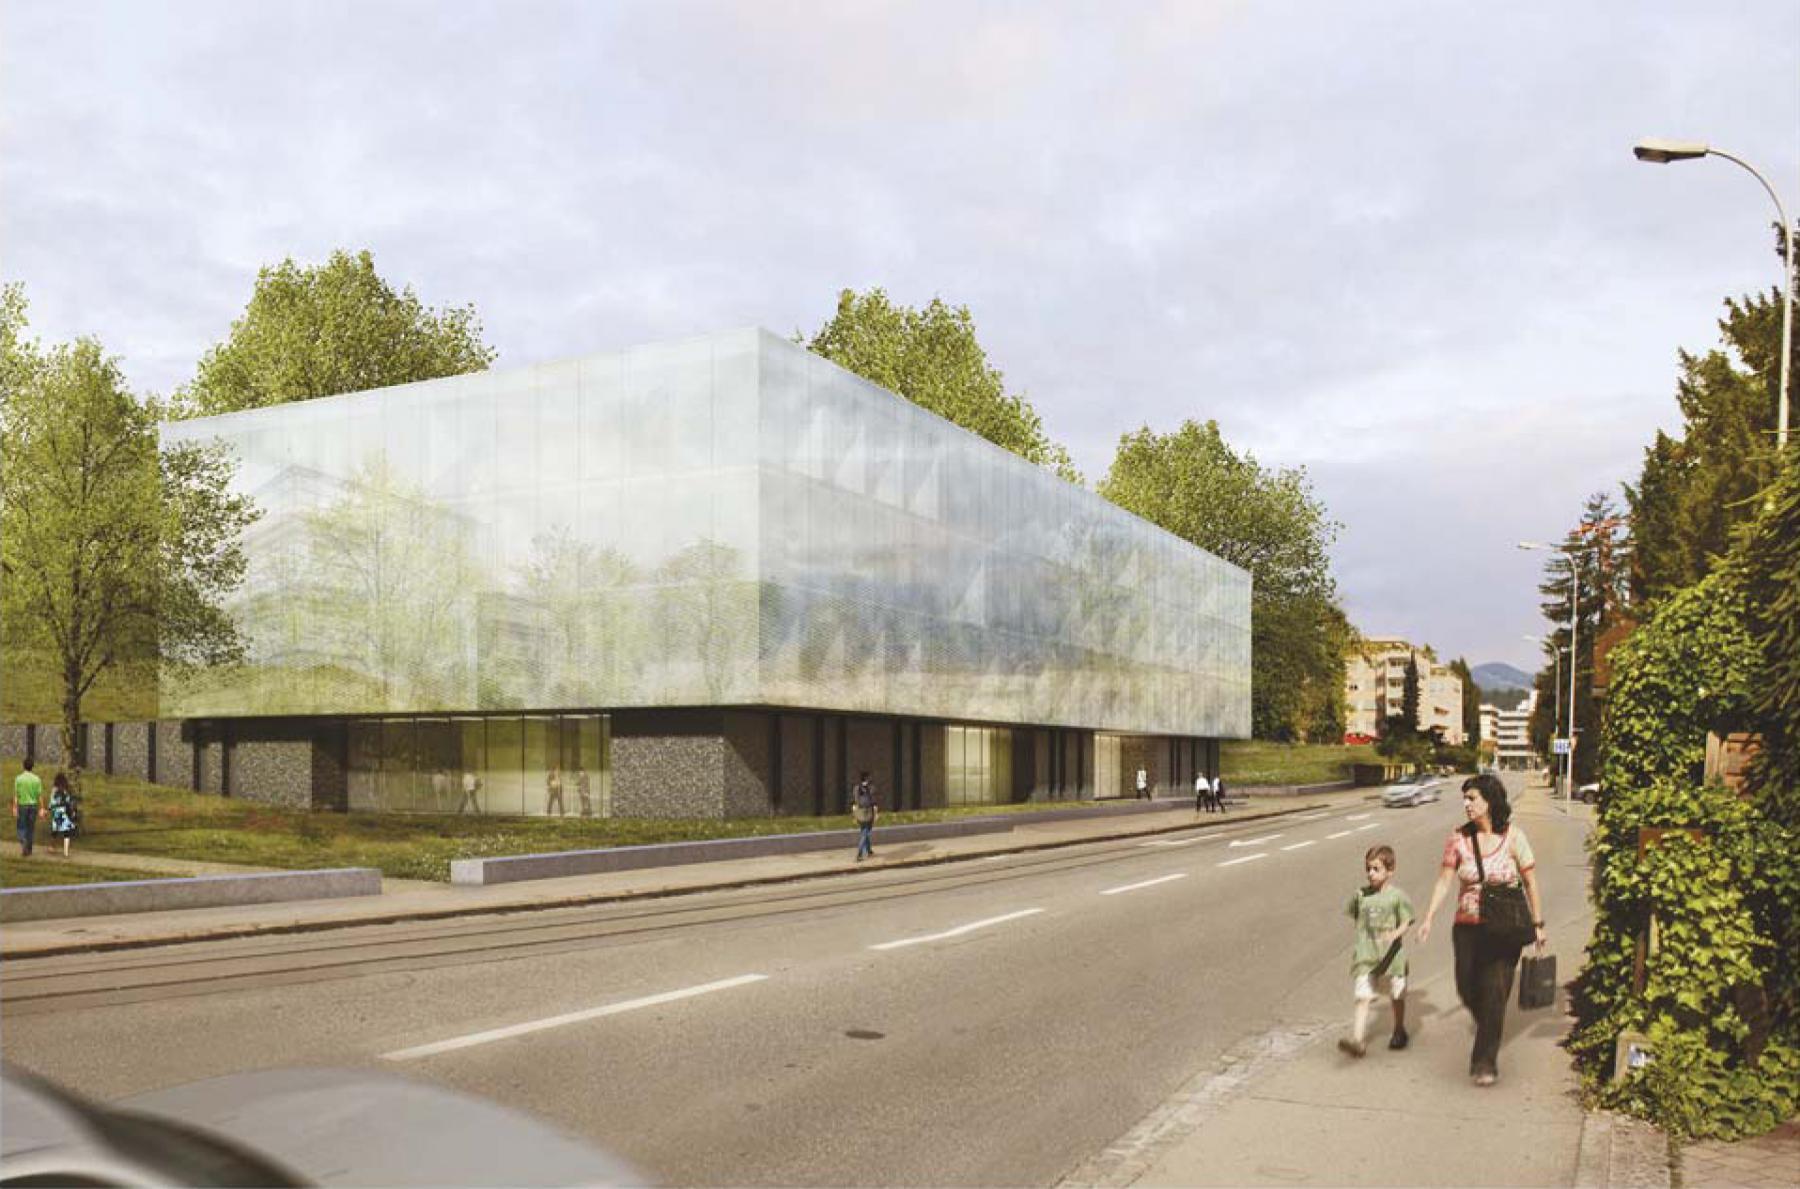 Neubau Laborgebäude, Kantonsspital Aarau AG, Aarau, Burckhardt + Partner, Verity